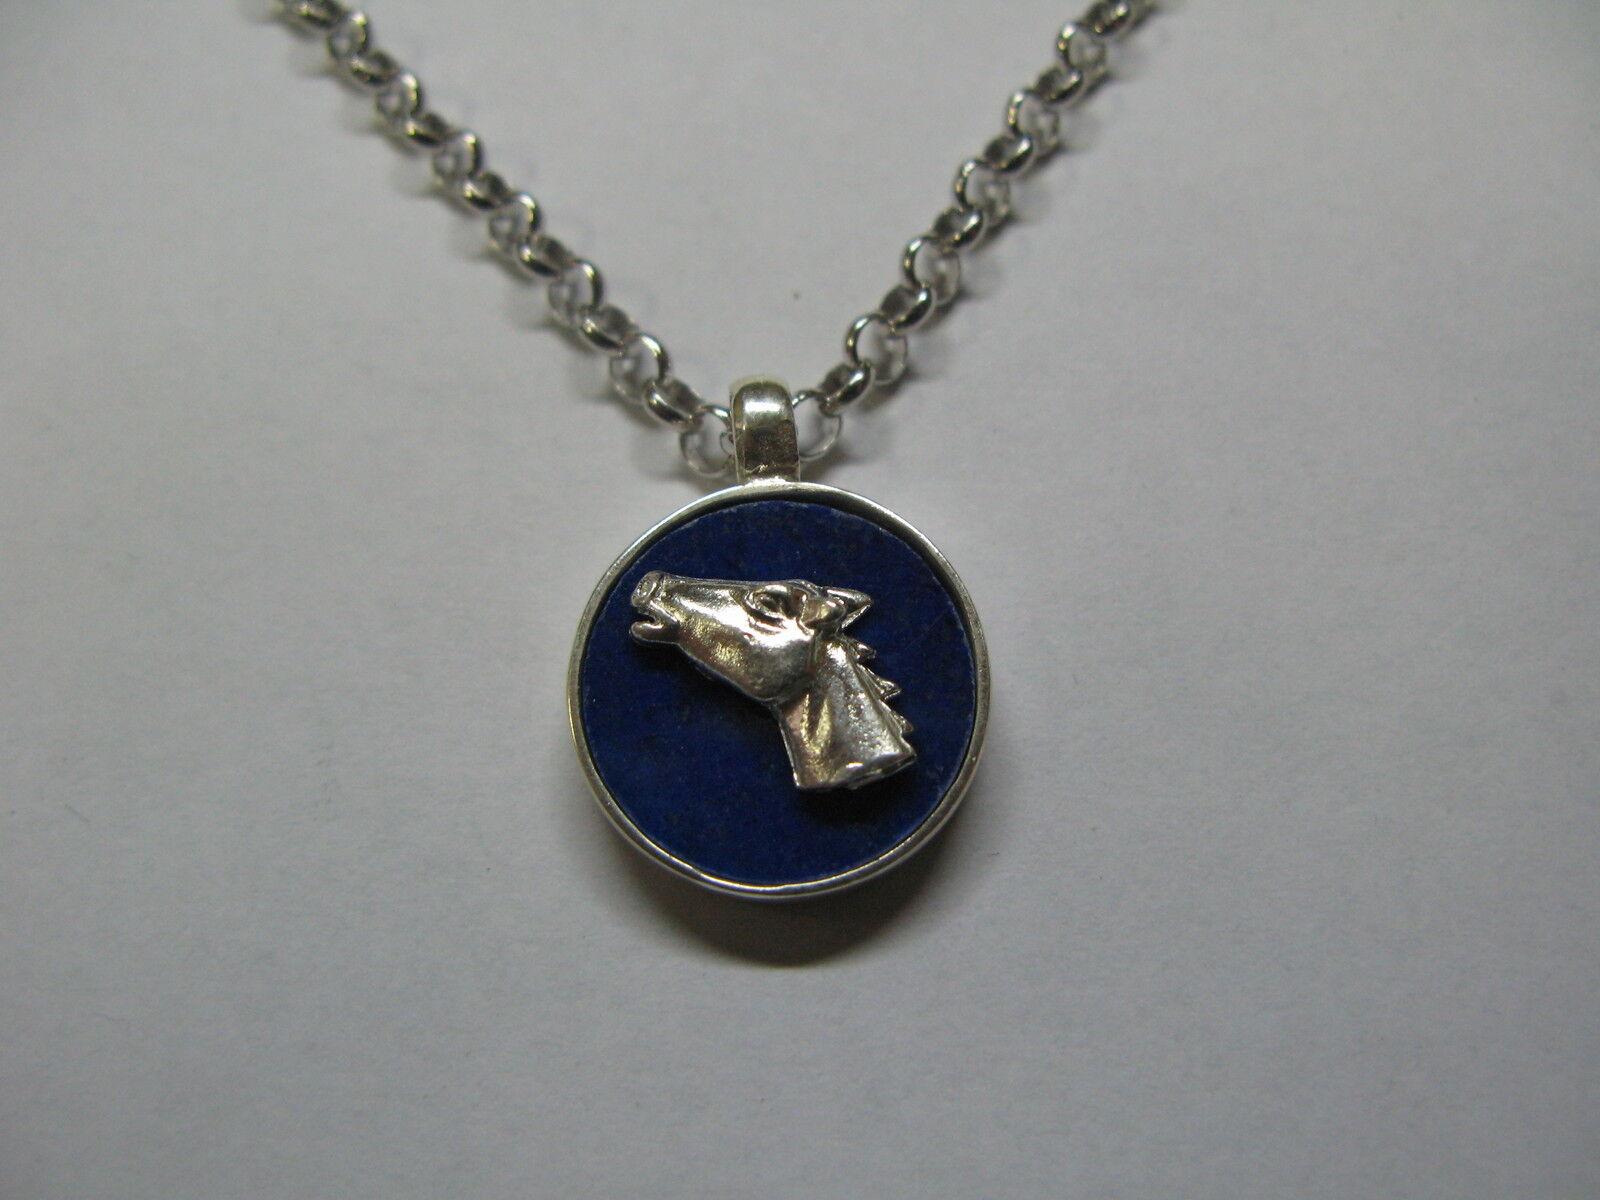 Ciondolo catena silver 925 lapis con applicazione testa di cavallo silver 925